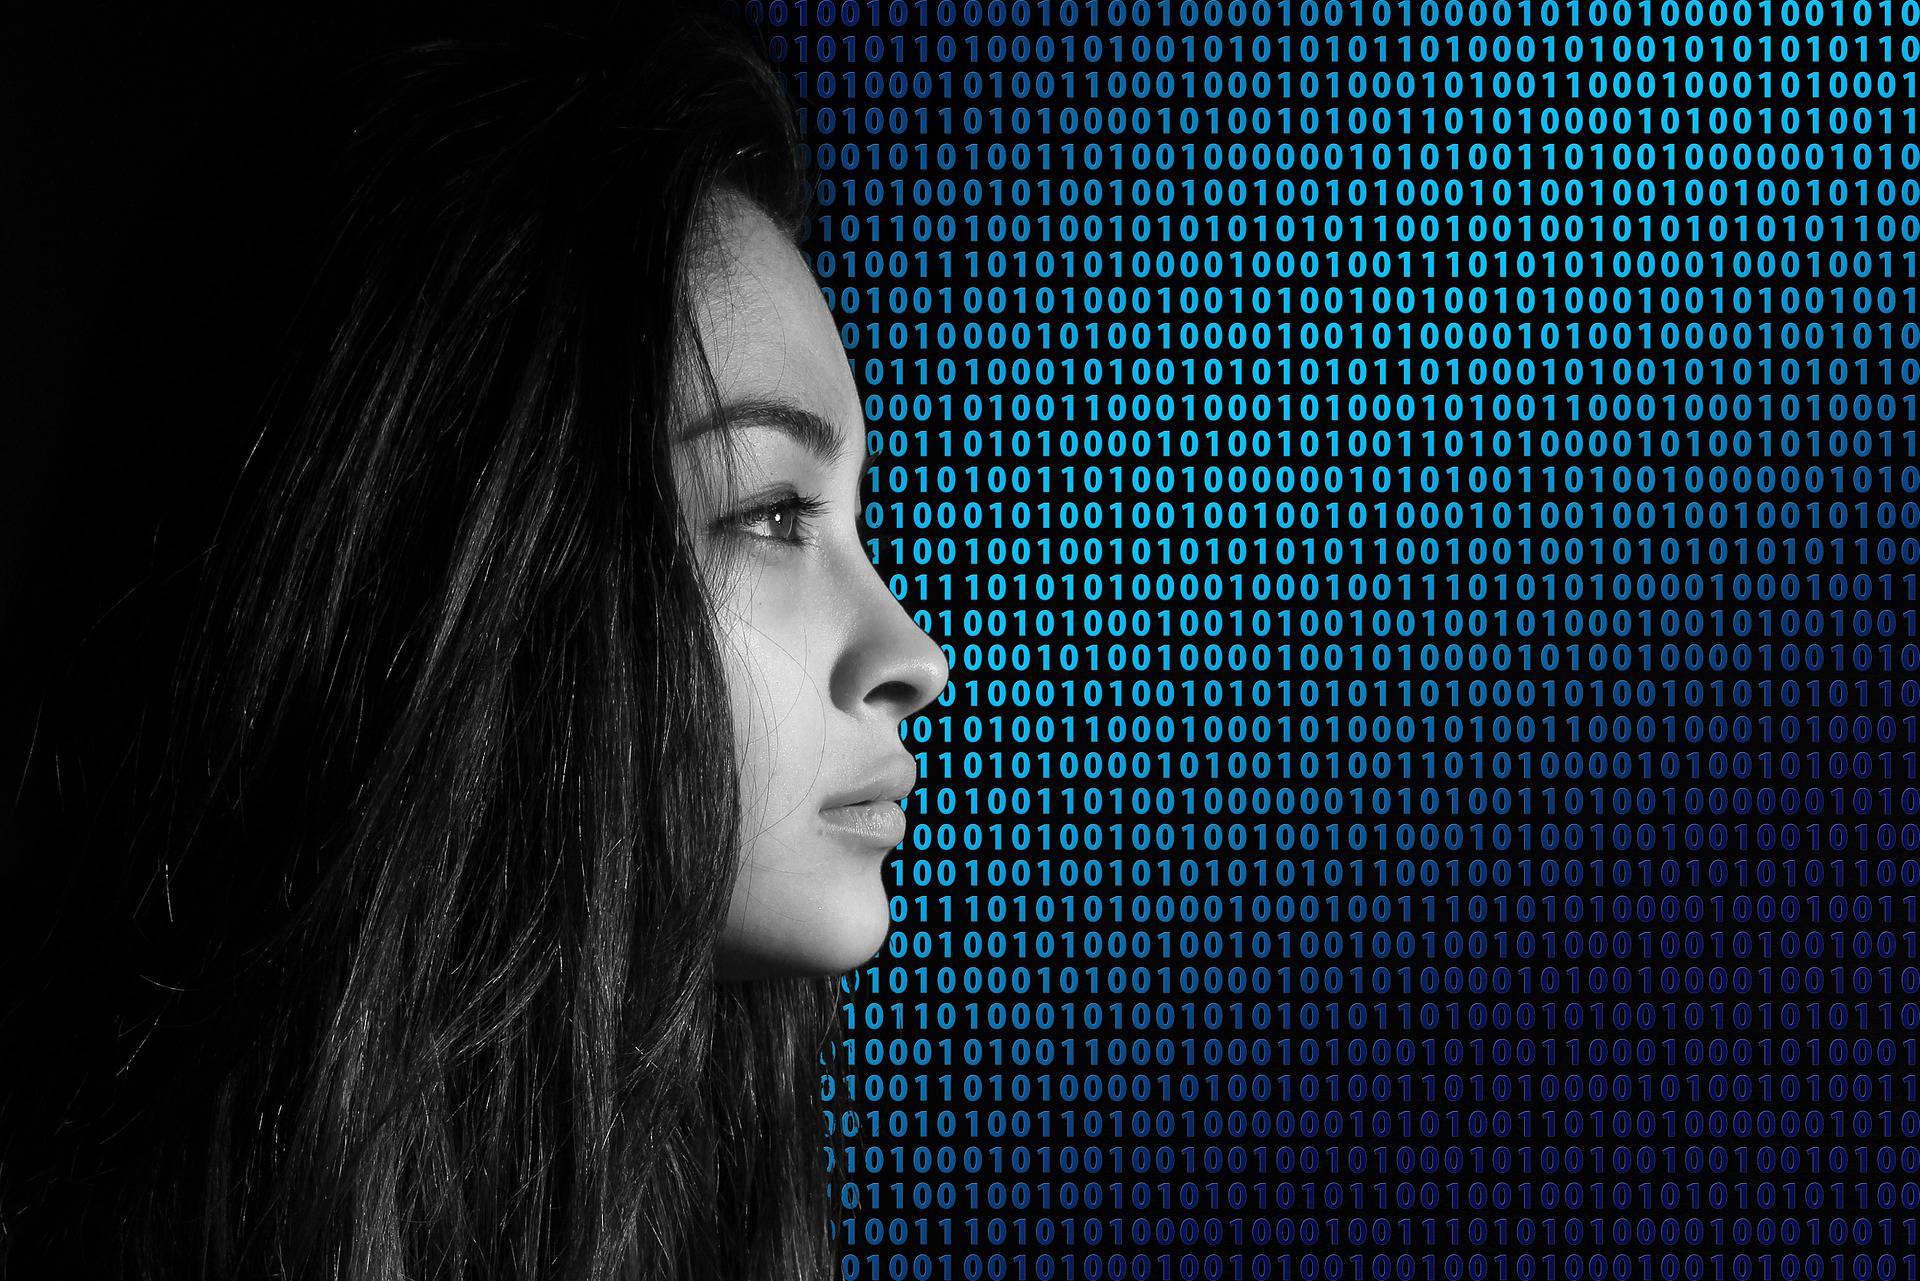 Niste anonimni kao što mislite: Vaši klikovi otkrivaju identitet